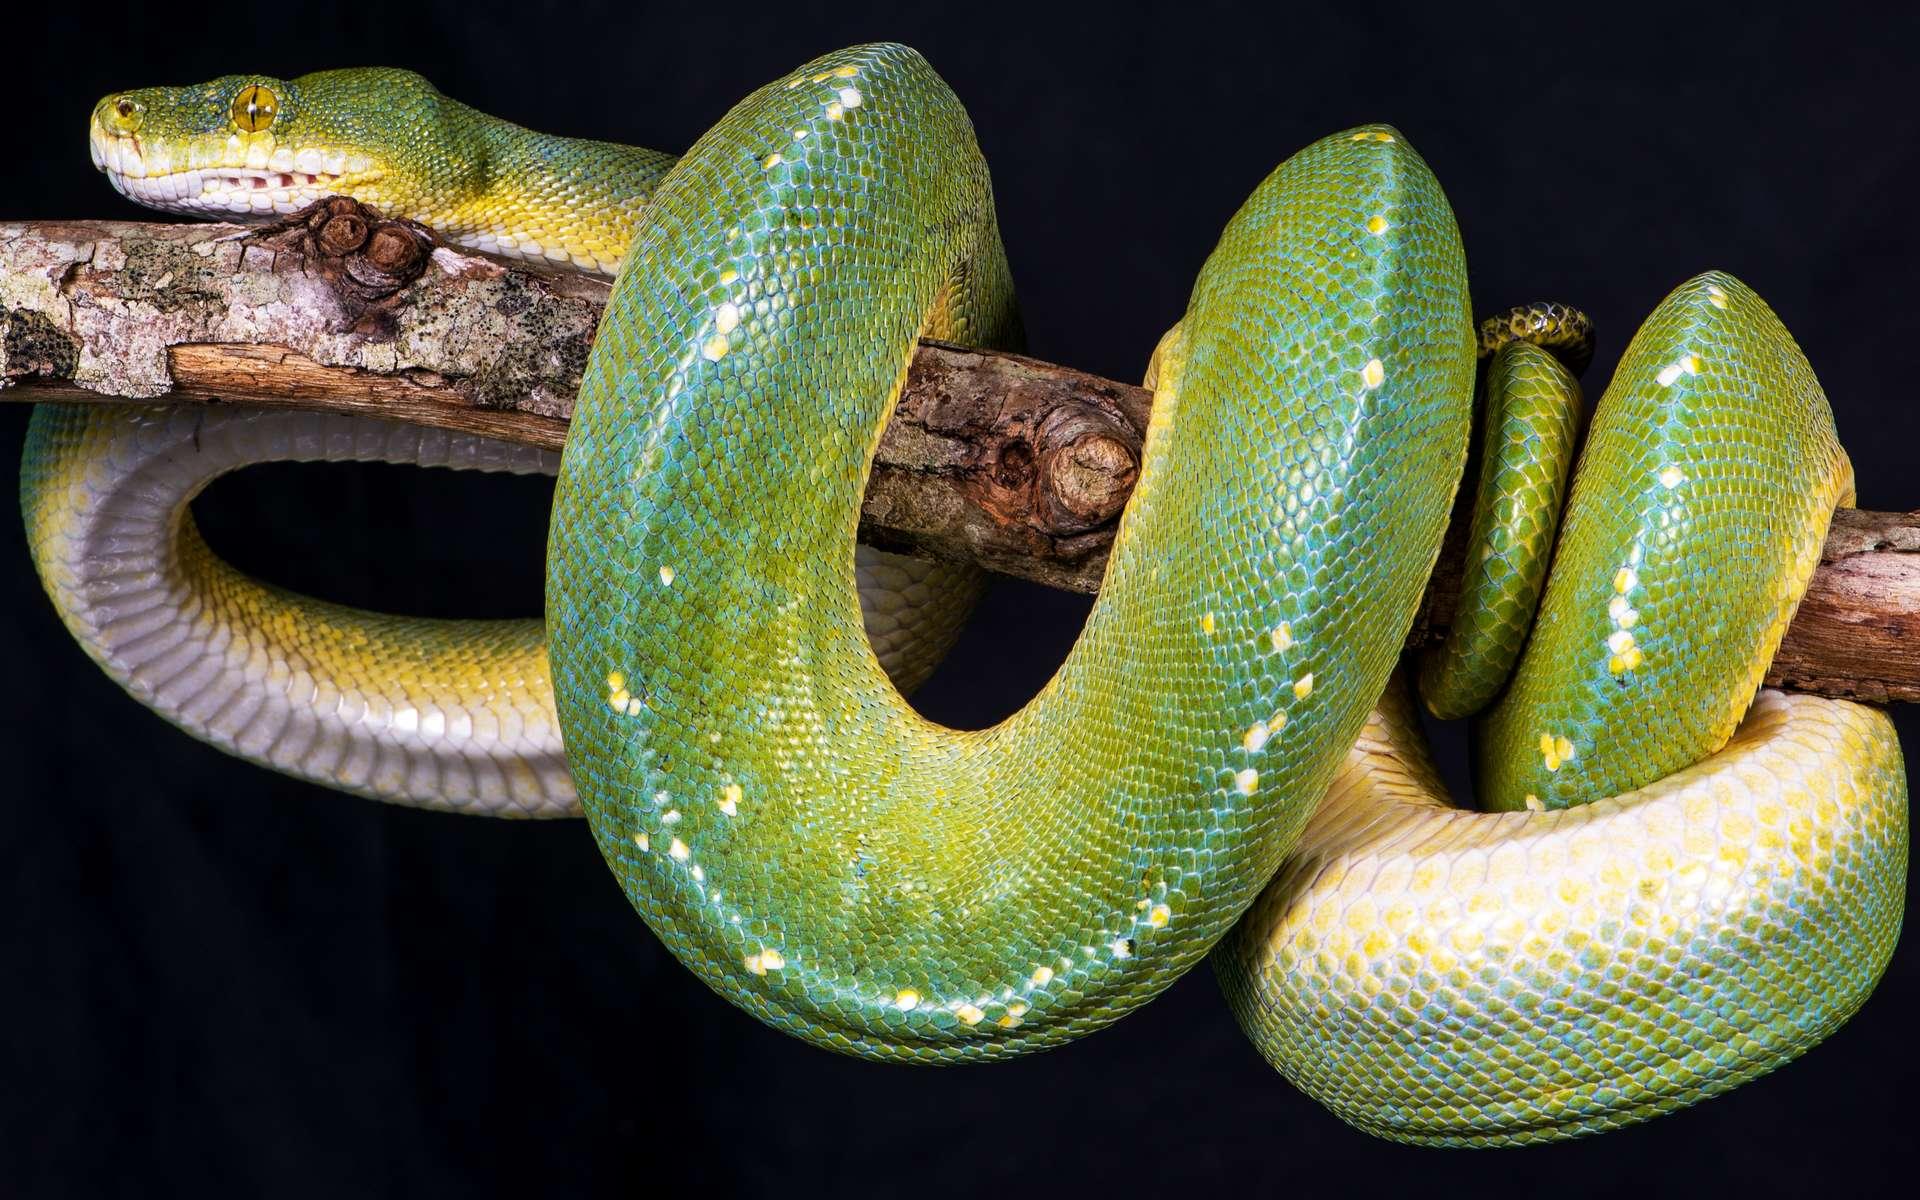 Le robot serpent de l'université de Stanford se déplace sous l'effet d'un air comprimé injecté dans son tronc. Ici, un vrai serpent. © Vjaceslavs, Fotolia